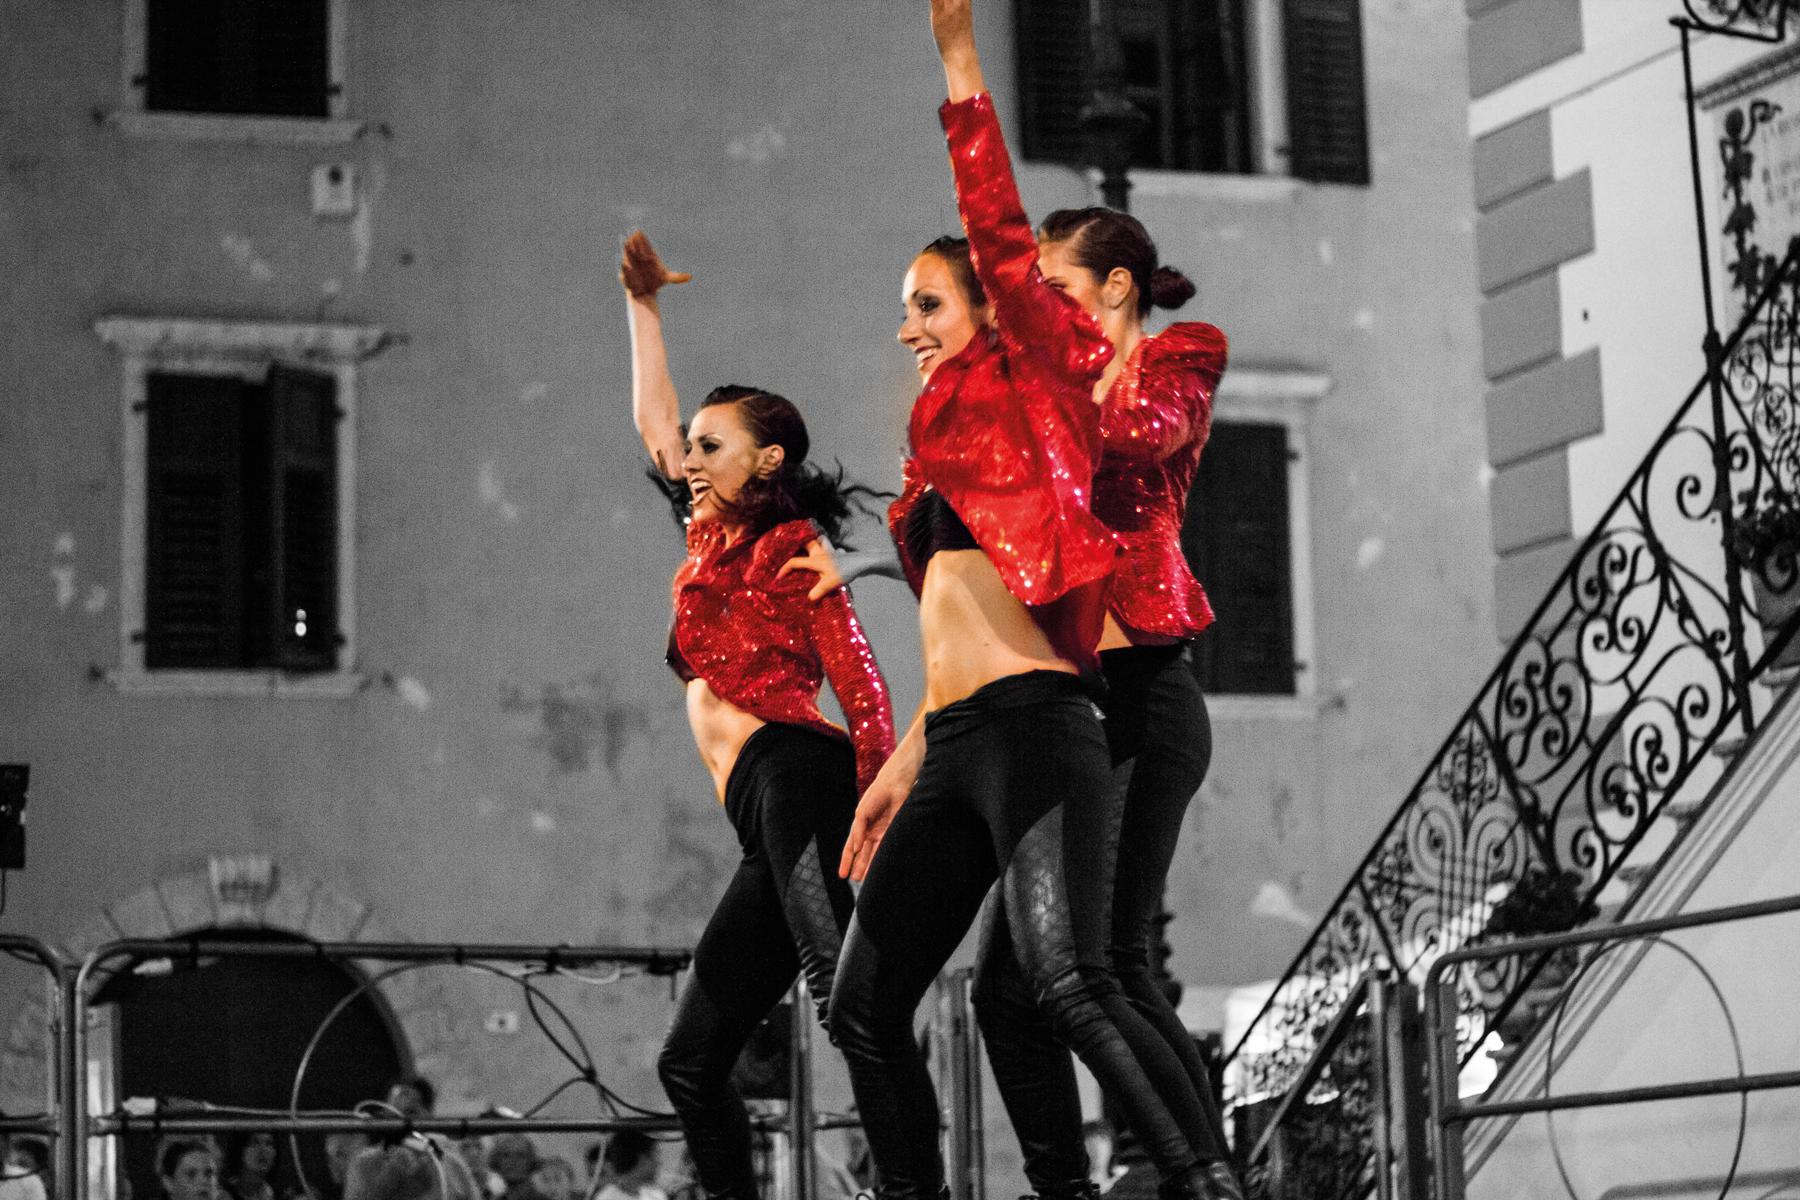 LA COMPAGNIA - dsmoving dance entertainment COMPANY